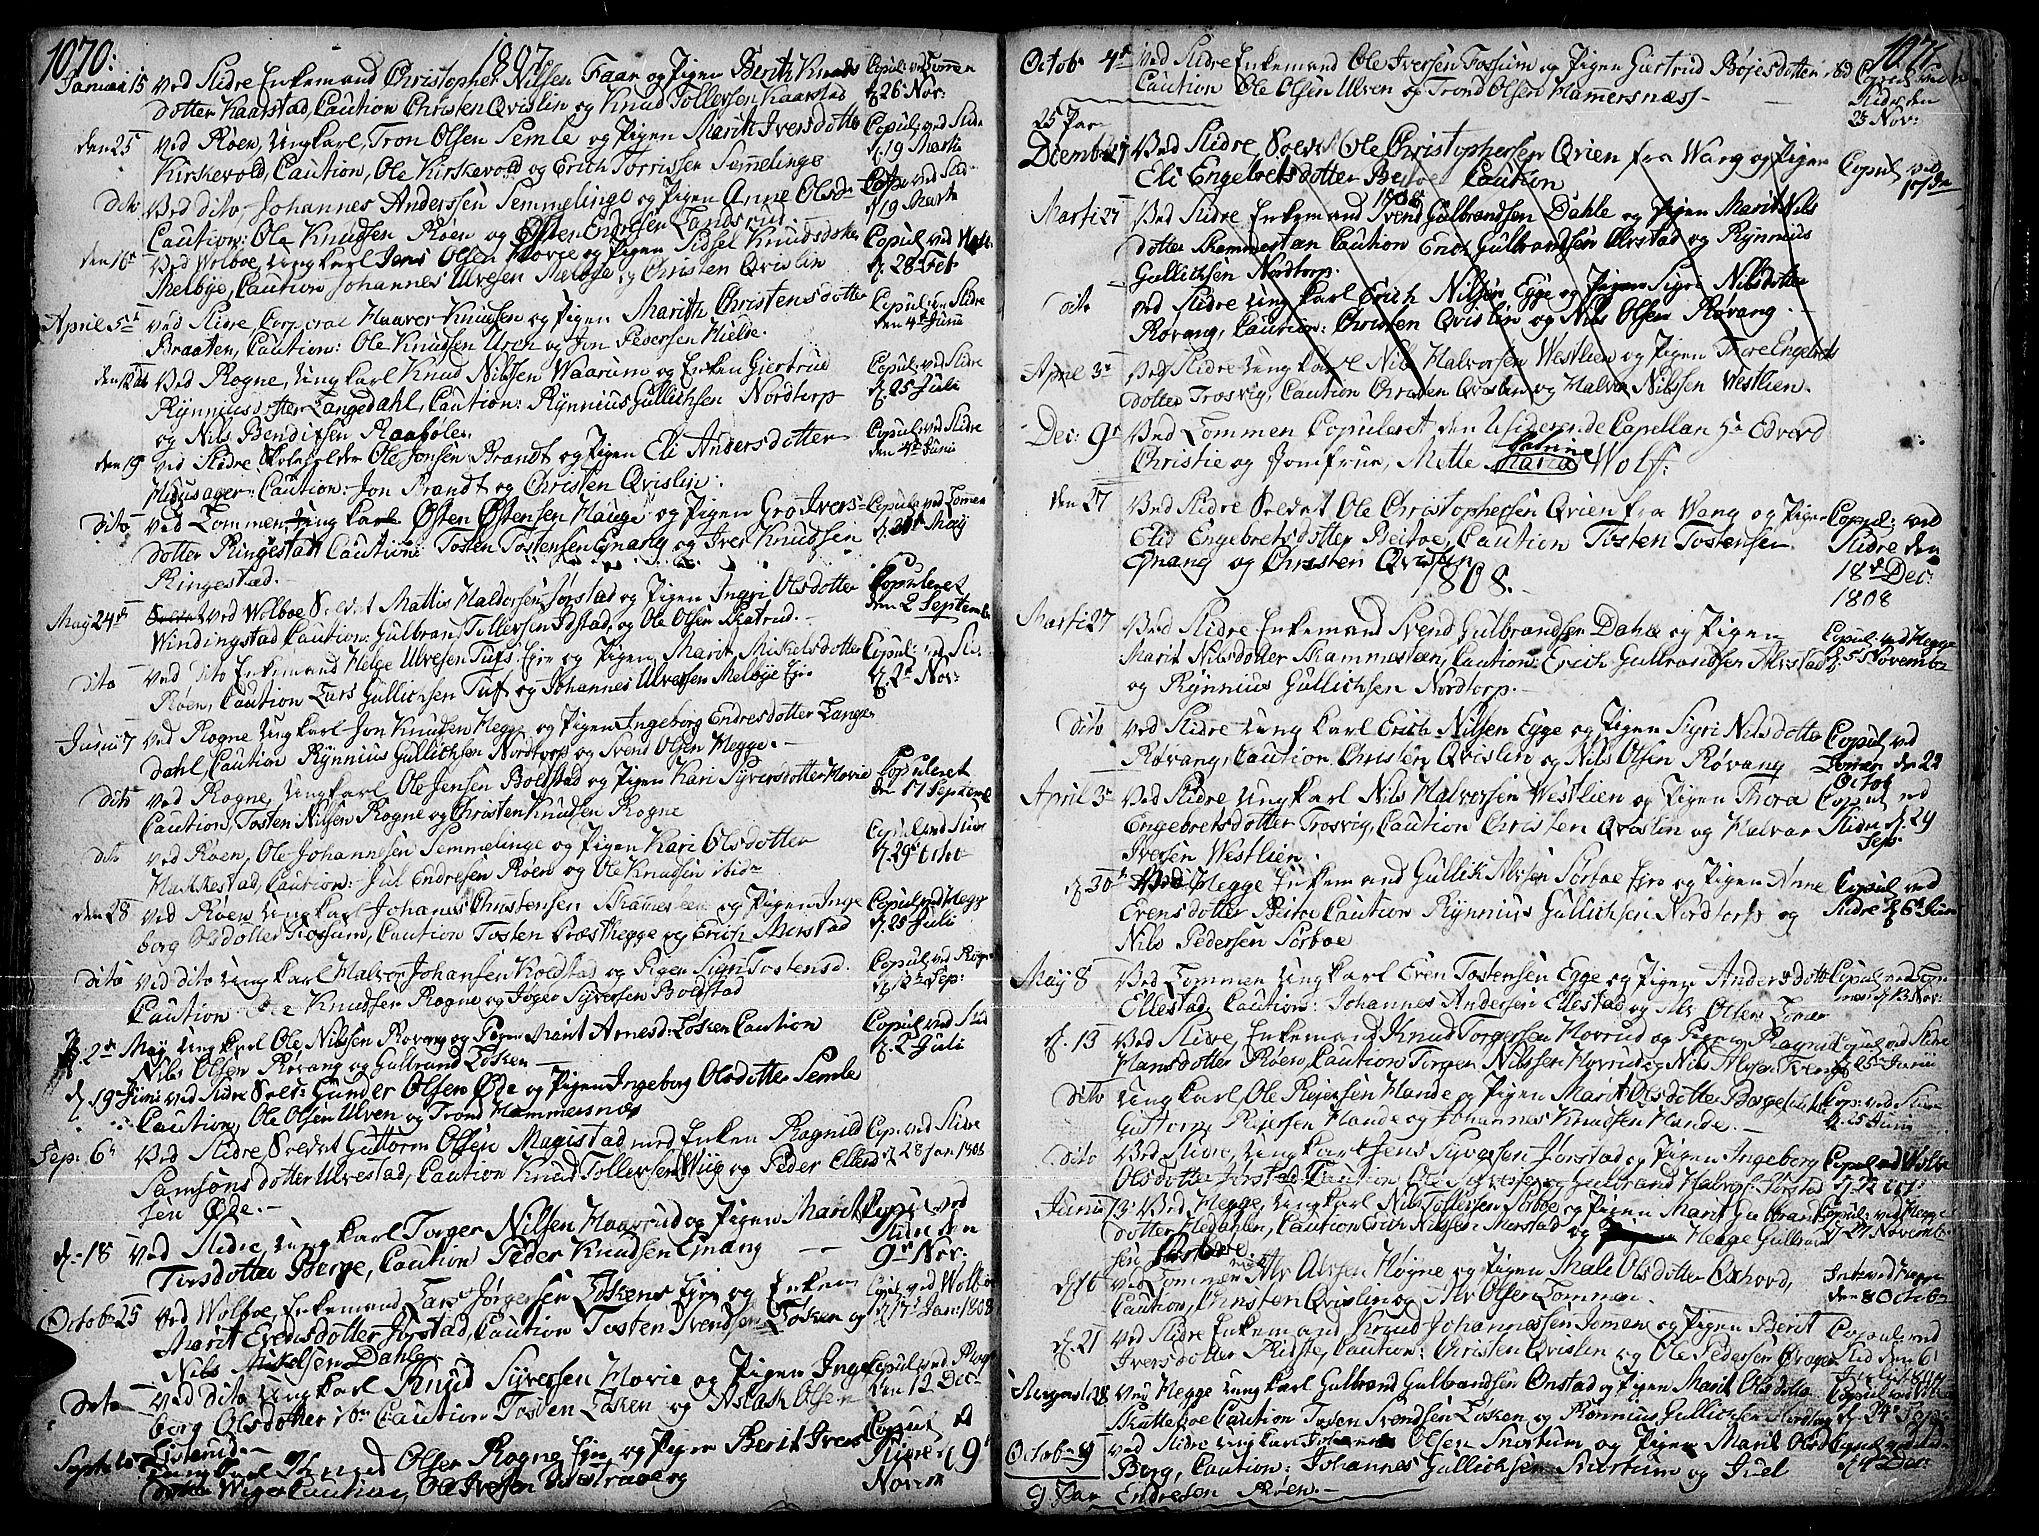 SAH, Slidre prestekontor, Ministerialbok nr. 1, 1724-1814, s. 1070-1071